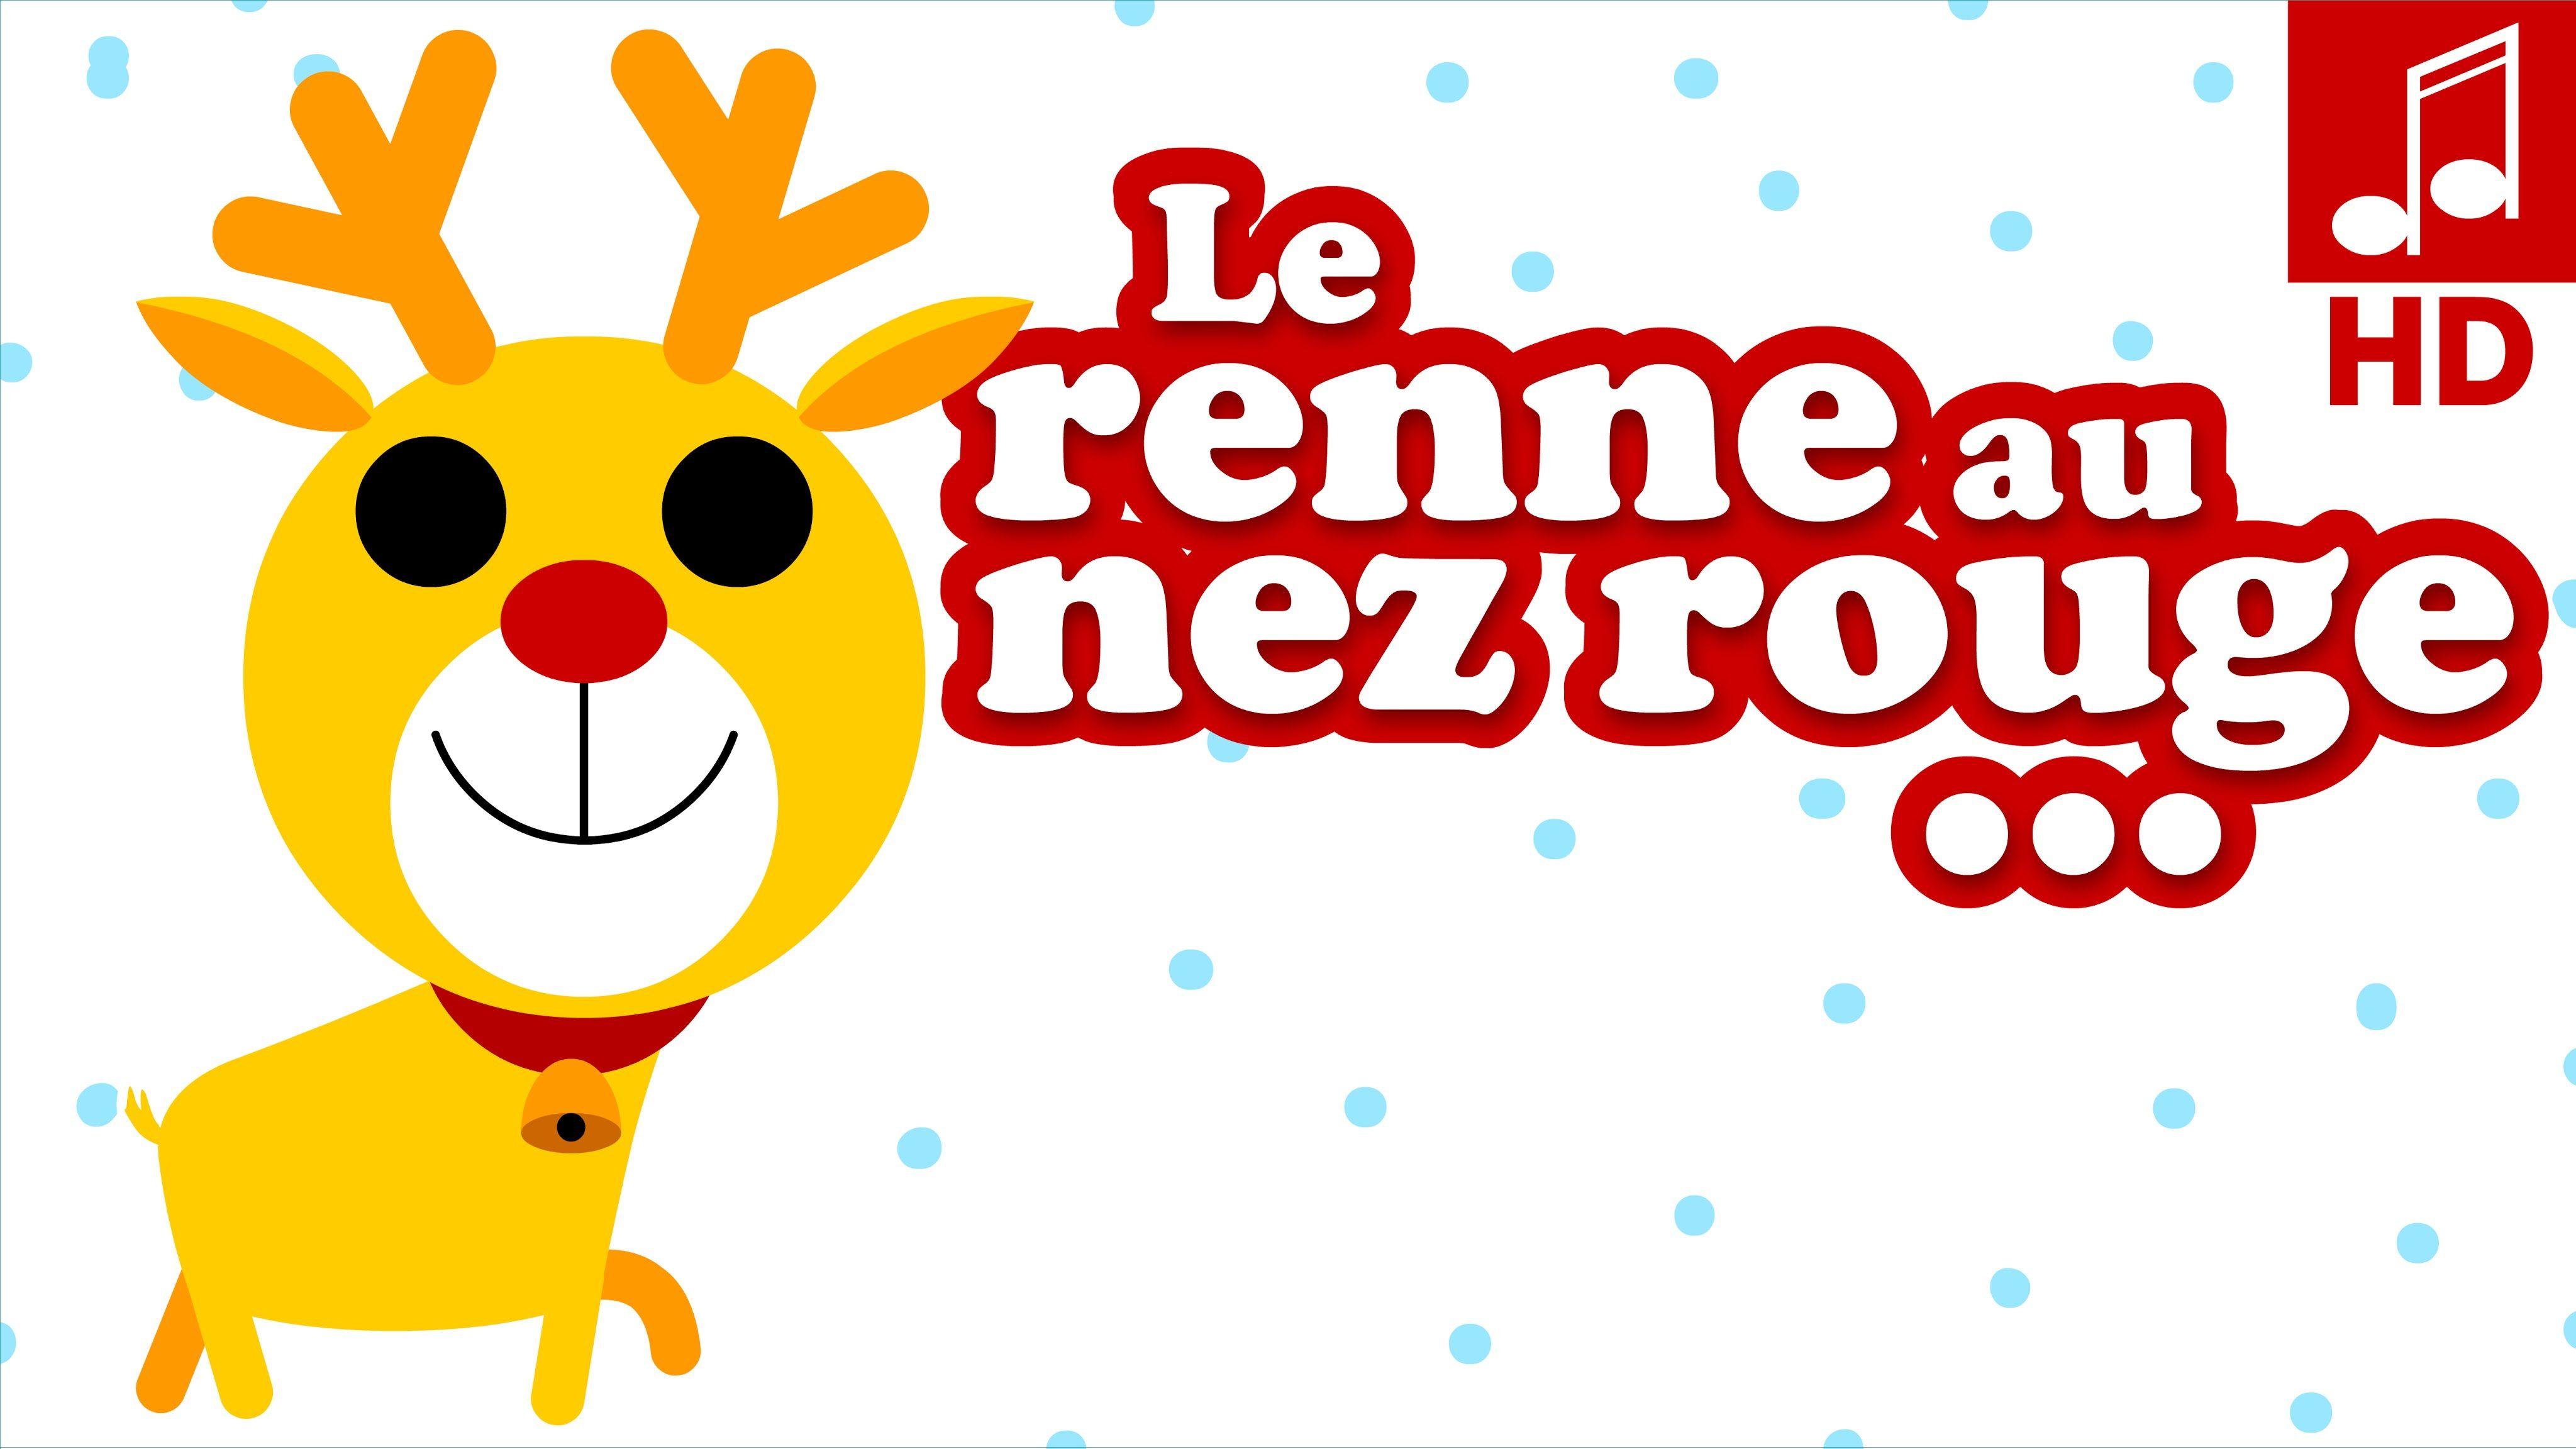 Le Petit Renne Au Nez Rouge Chanson De Noël Pour Bébé Et avec Chanson Dans Son Manteau Rouge Et Blanc